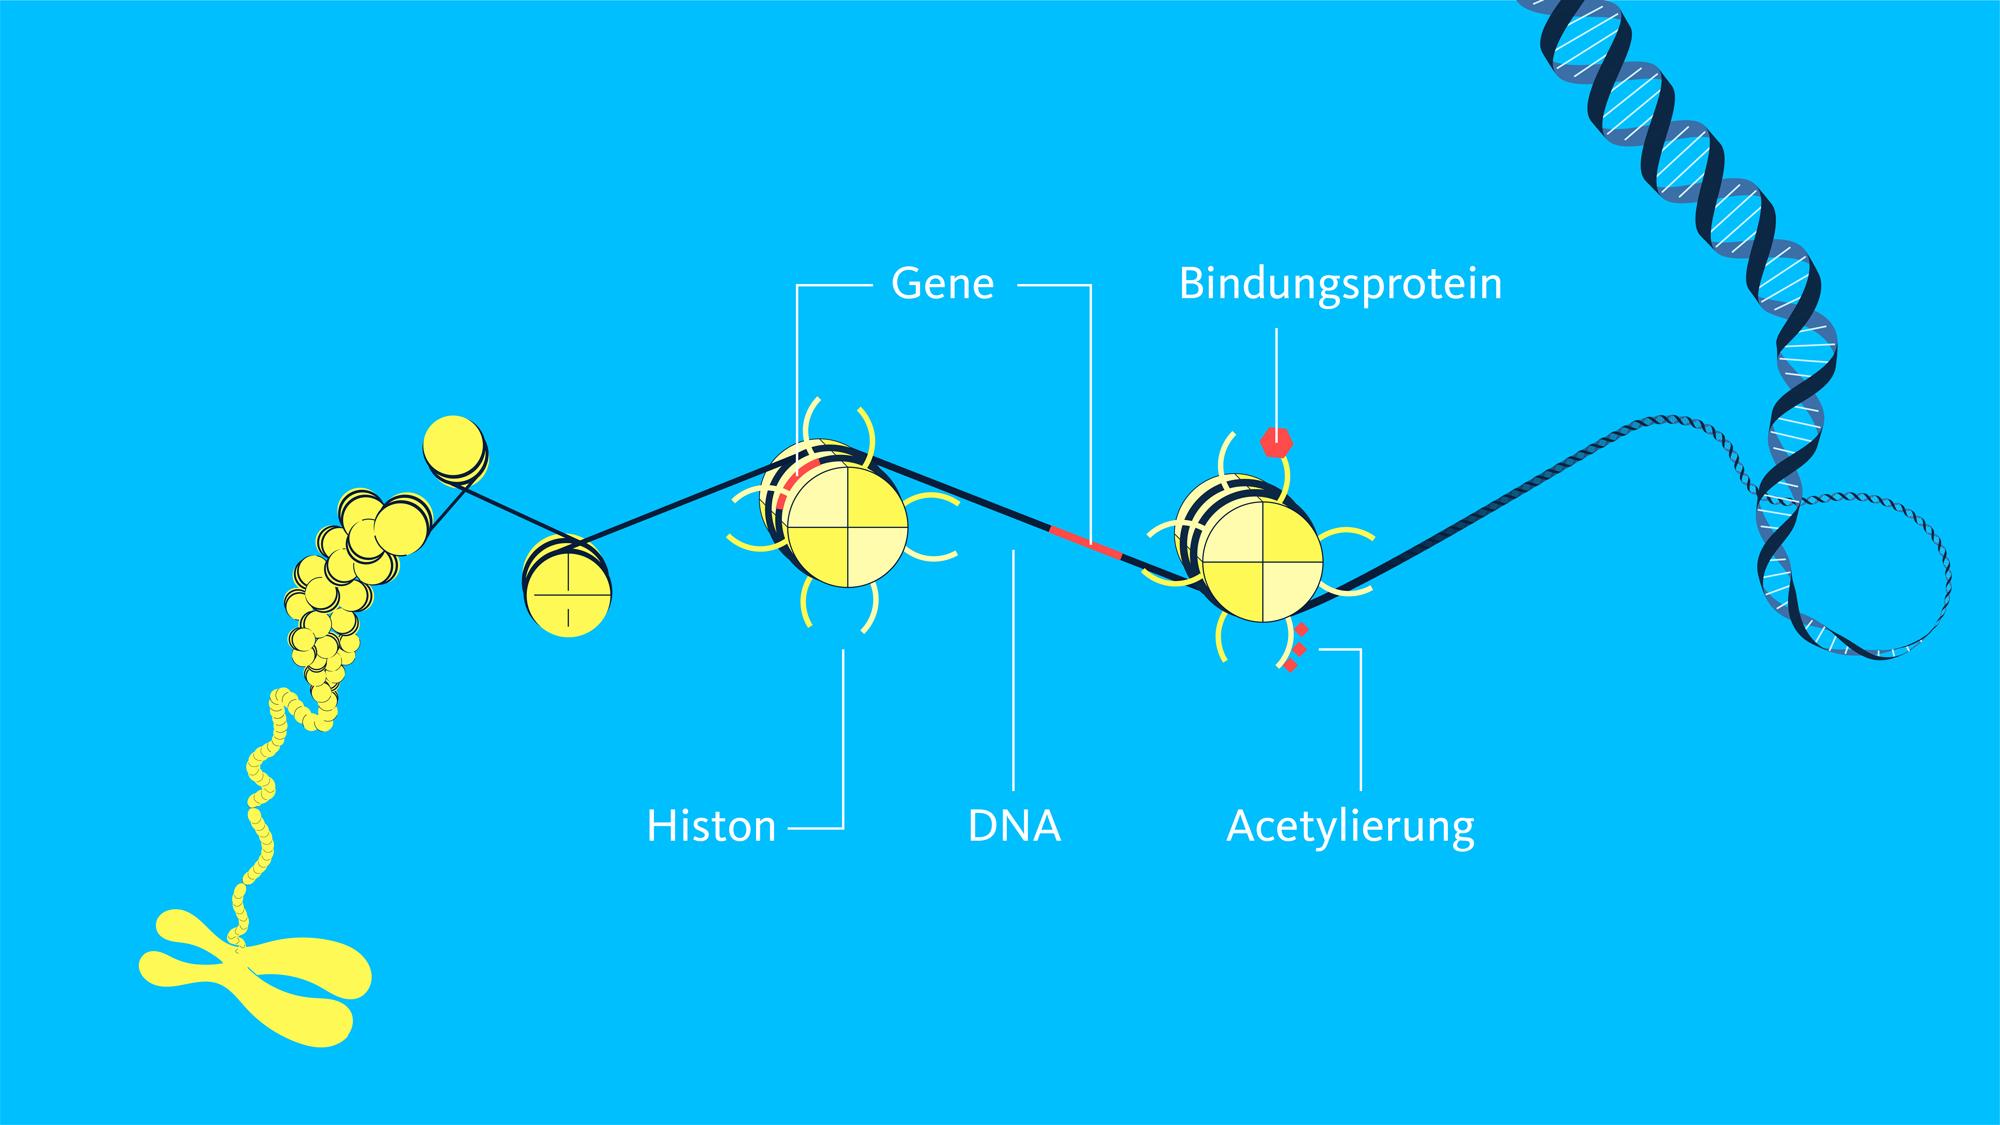 Eine menschliche Zelle enthält einen DNA-Strang von zwei Metern Länge. Dieser ist mehrfach komprimiert, etwa indem er um sogenannte Histone gewickelt ist und dieser Chromatin-Komplex ebenfalls wieder platzsparende Strukturen einnimmt. Man kann sich ein Chromosom als ein sehr dichtes DNA-Knäuel vorstellen. Die Gene auf der DNA sind zunächst um ein Histon gewickelt und nicht zugänglich. Durch Regulierungsfaktoren verändert sich aber die Struktur und der Genabschnitt wird freigelegt. In welchem Zustand die DNA vorliegt, entscheiden Prozesse wie die Acetylierung des Histonschwanzes oder das Anlagern von Bindungsproteinen. Durch Ablösen oder Methylierung sind die Schritte reversibel.